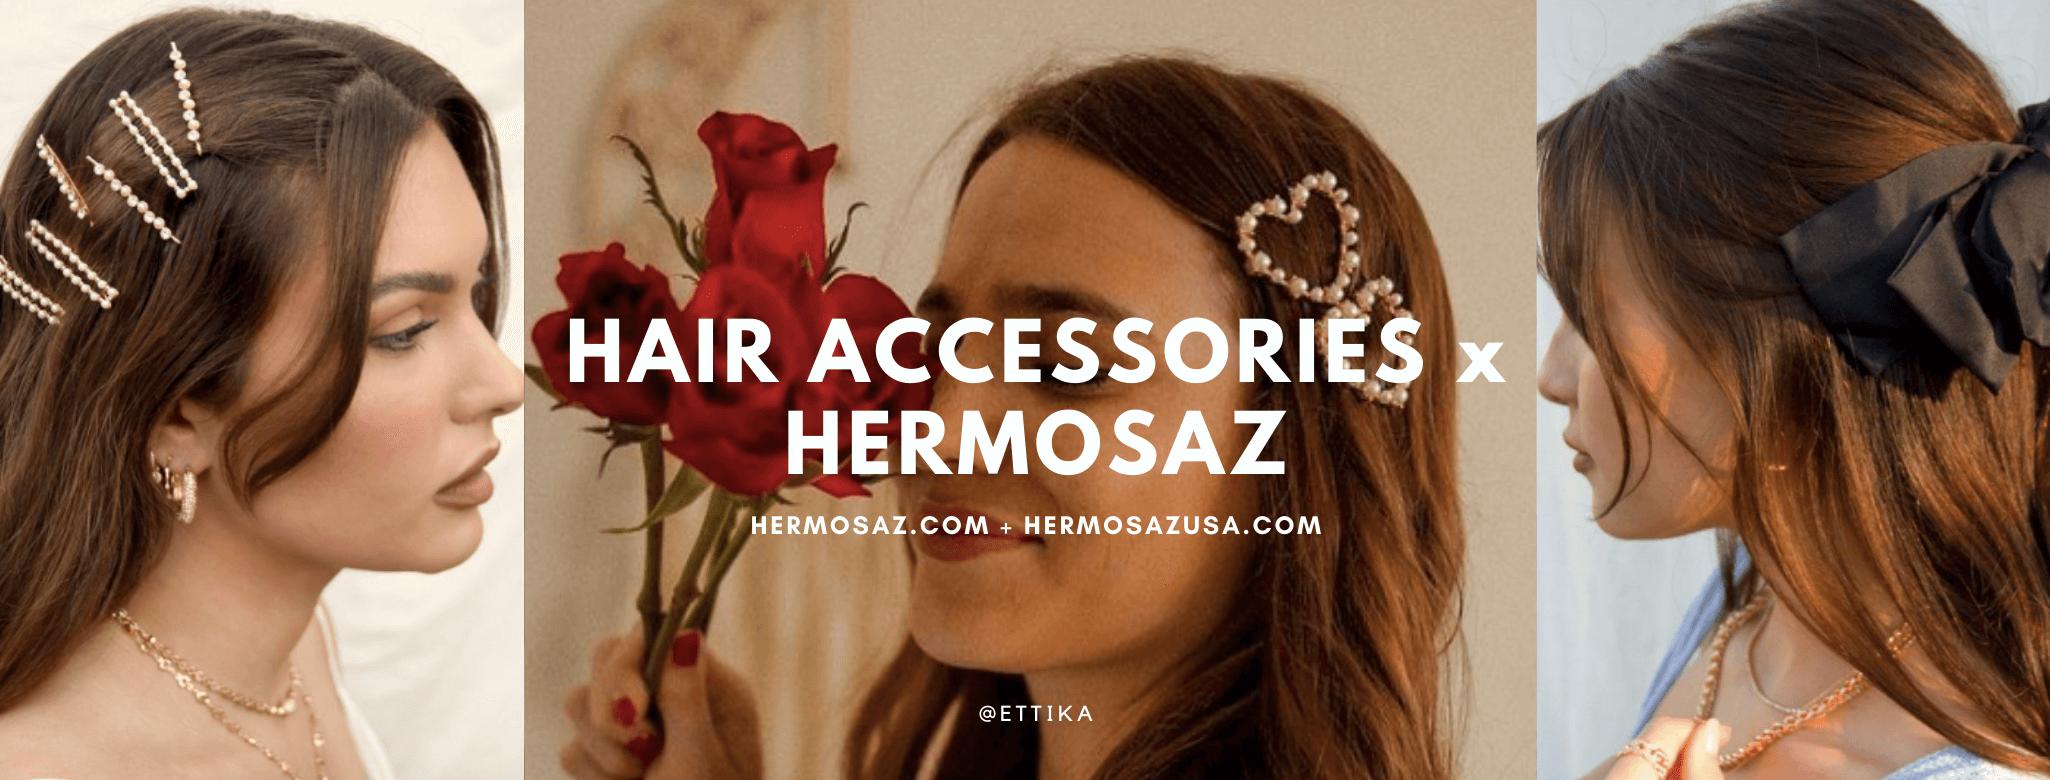 Hair Accessories x Hermosaz